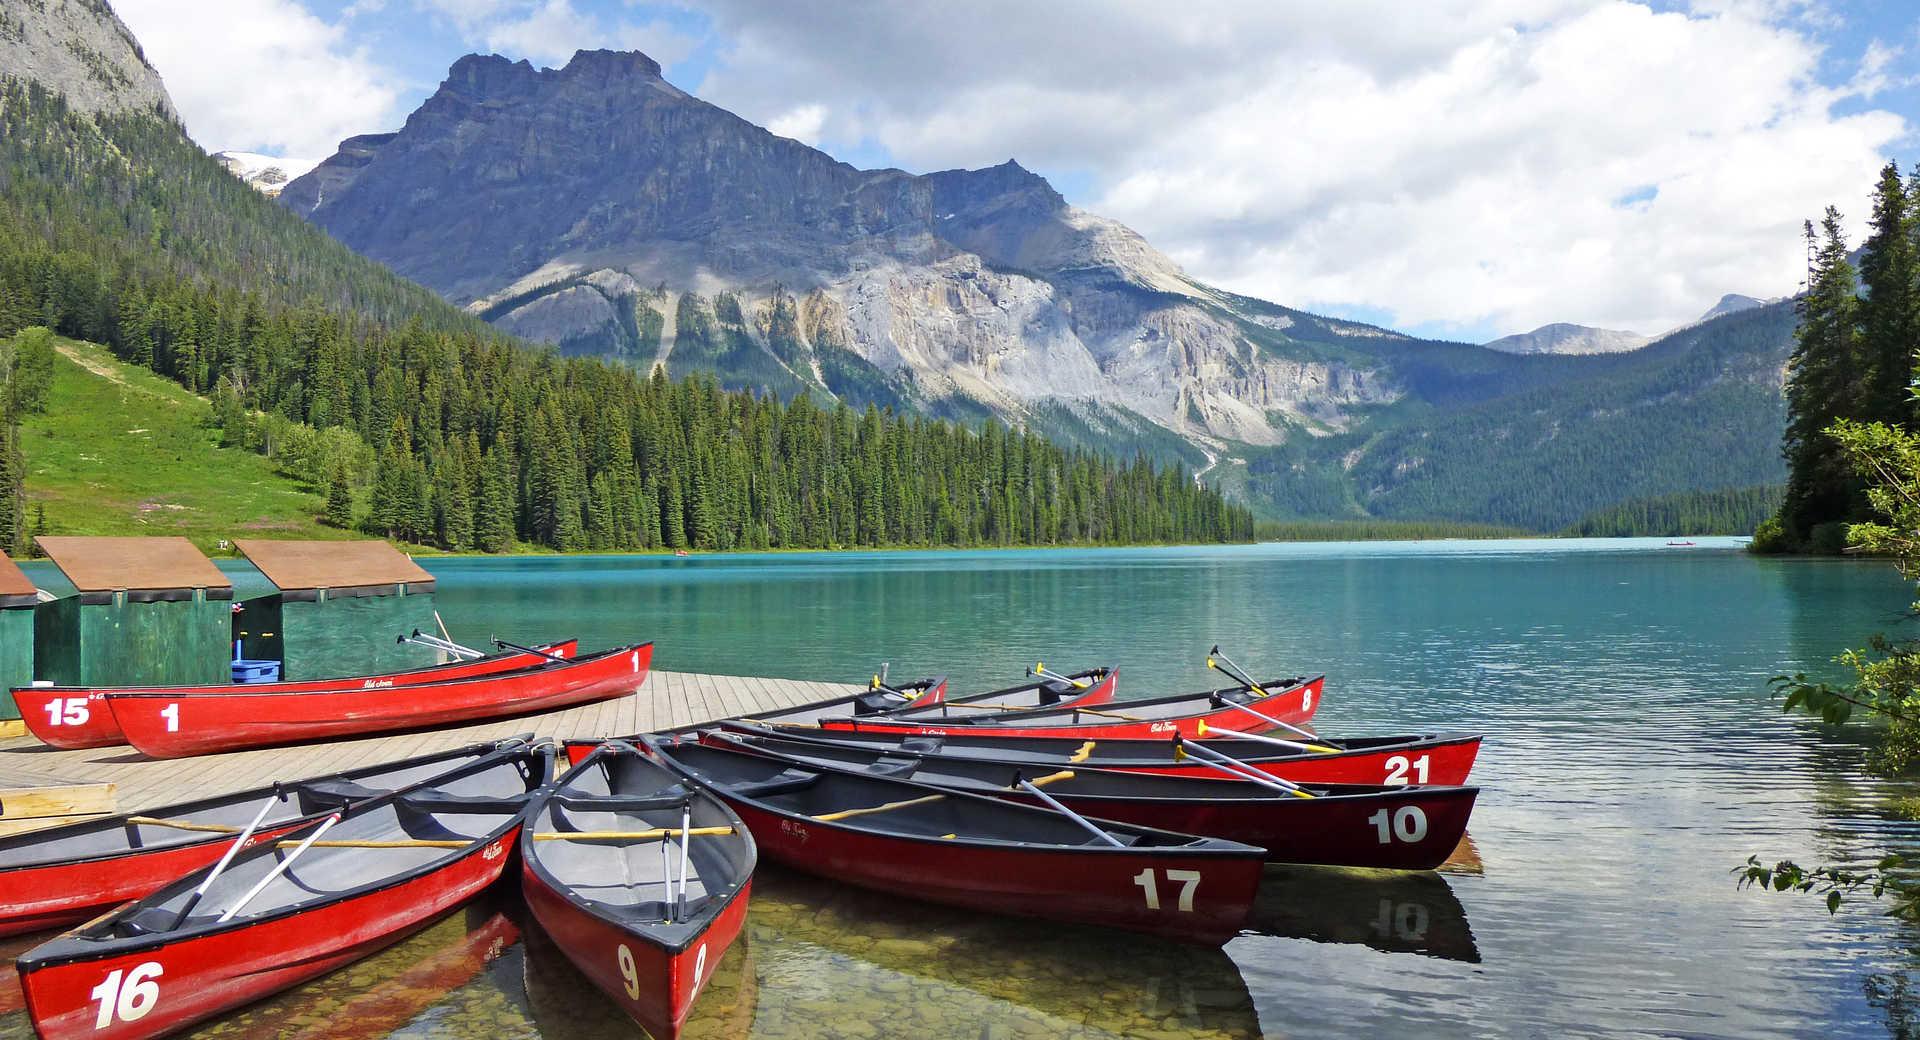 Canoës rouges sur le bord du lac Emerald au Canada